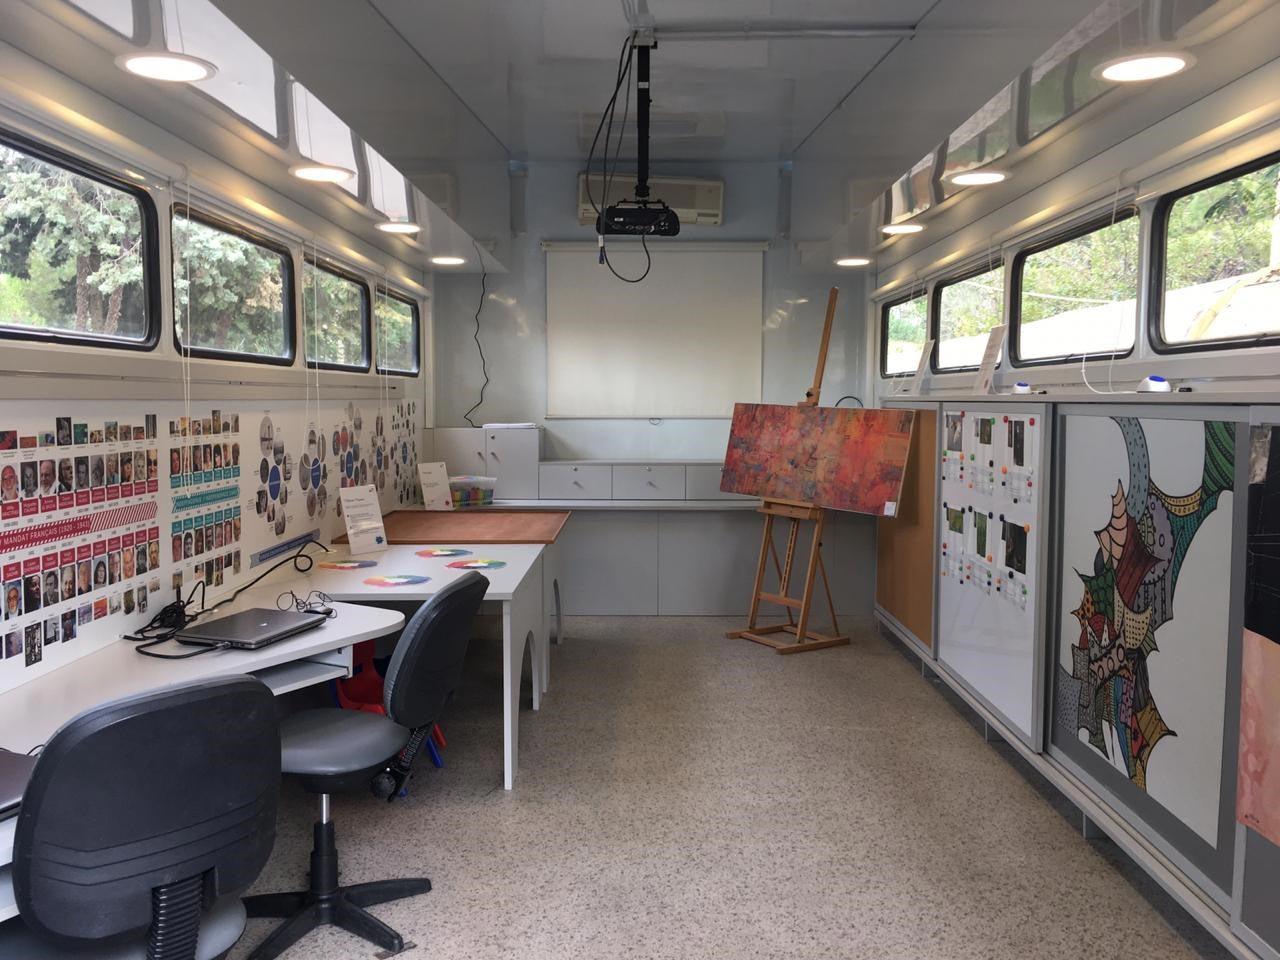 Traveling Art - Caravan Interior with Activities